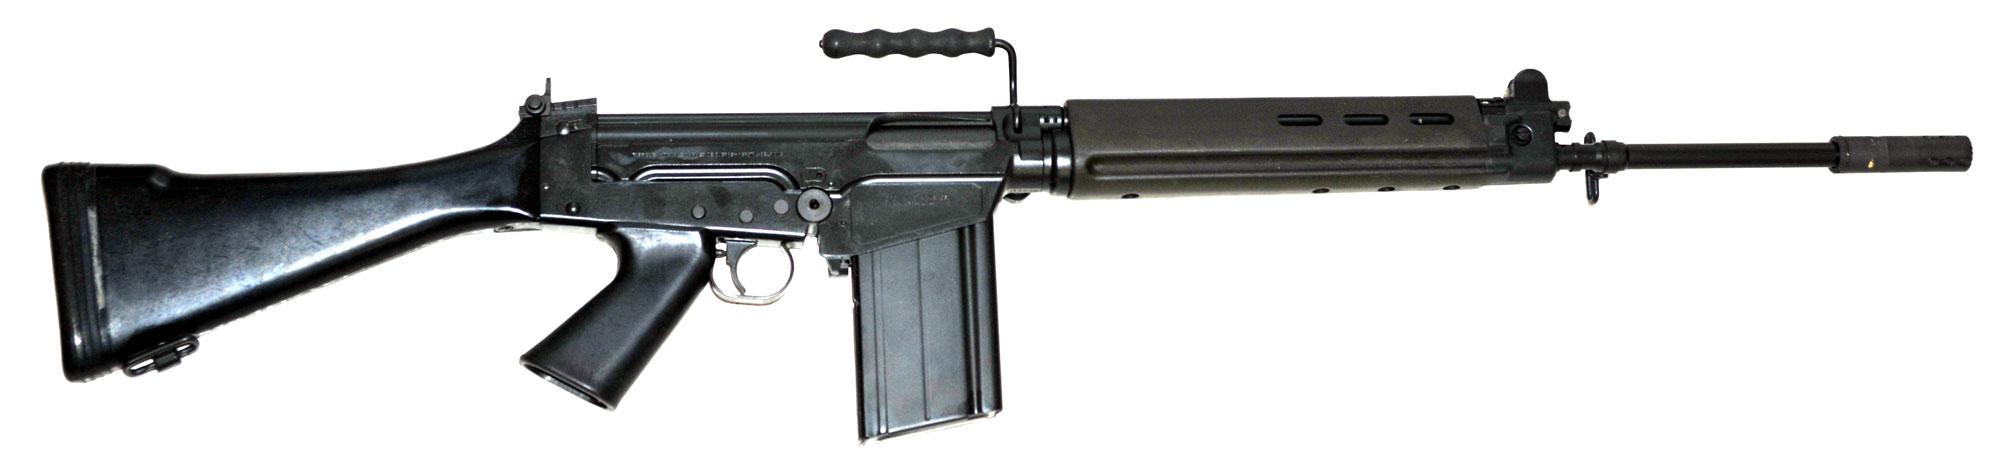 FN-FAL_belgian.jpeg